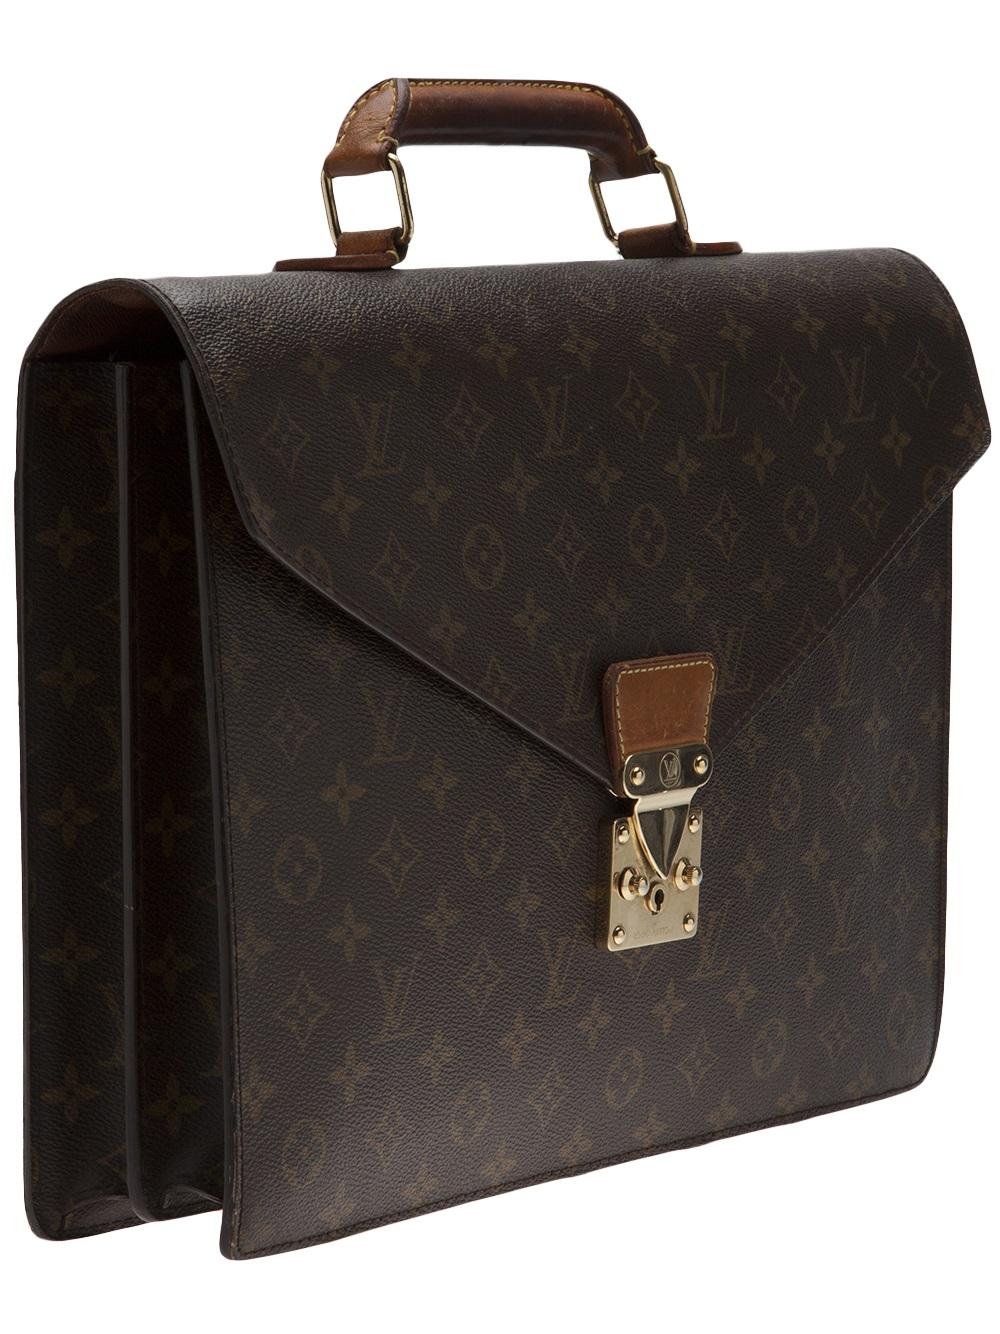 a16f80be0d21 Lyst - Louis Vuitton Monogram Serviette Briefcase in Brown